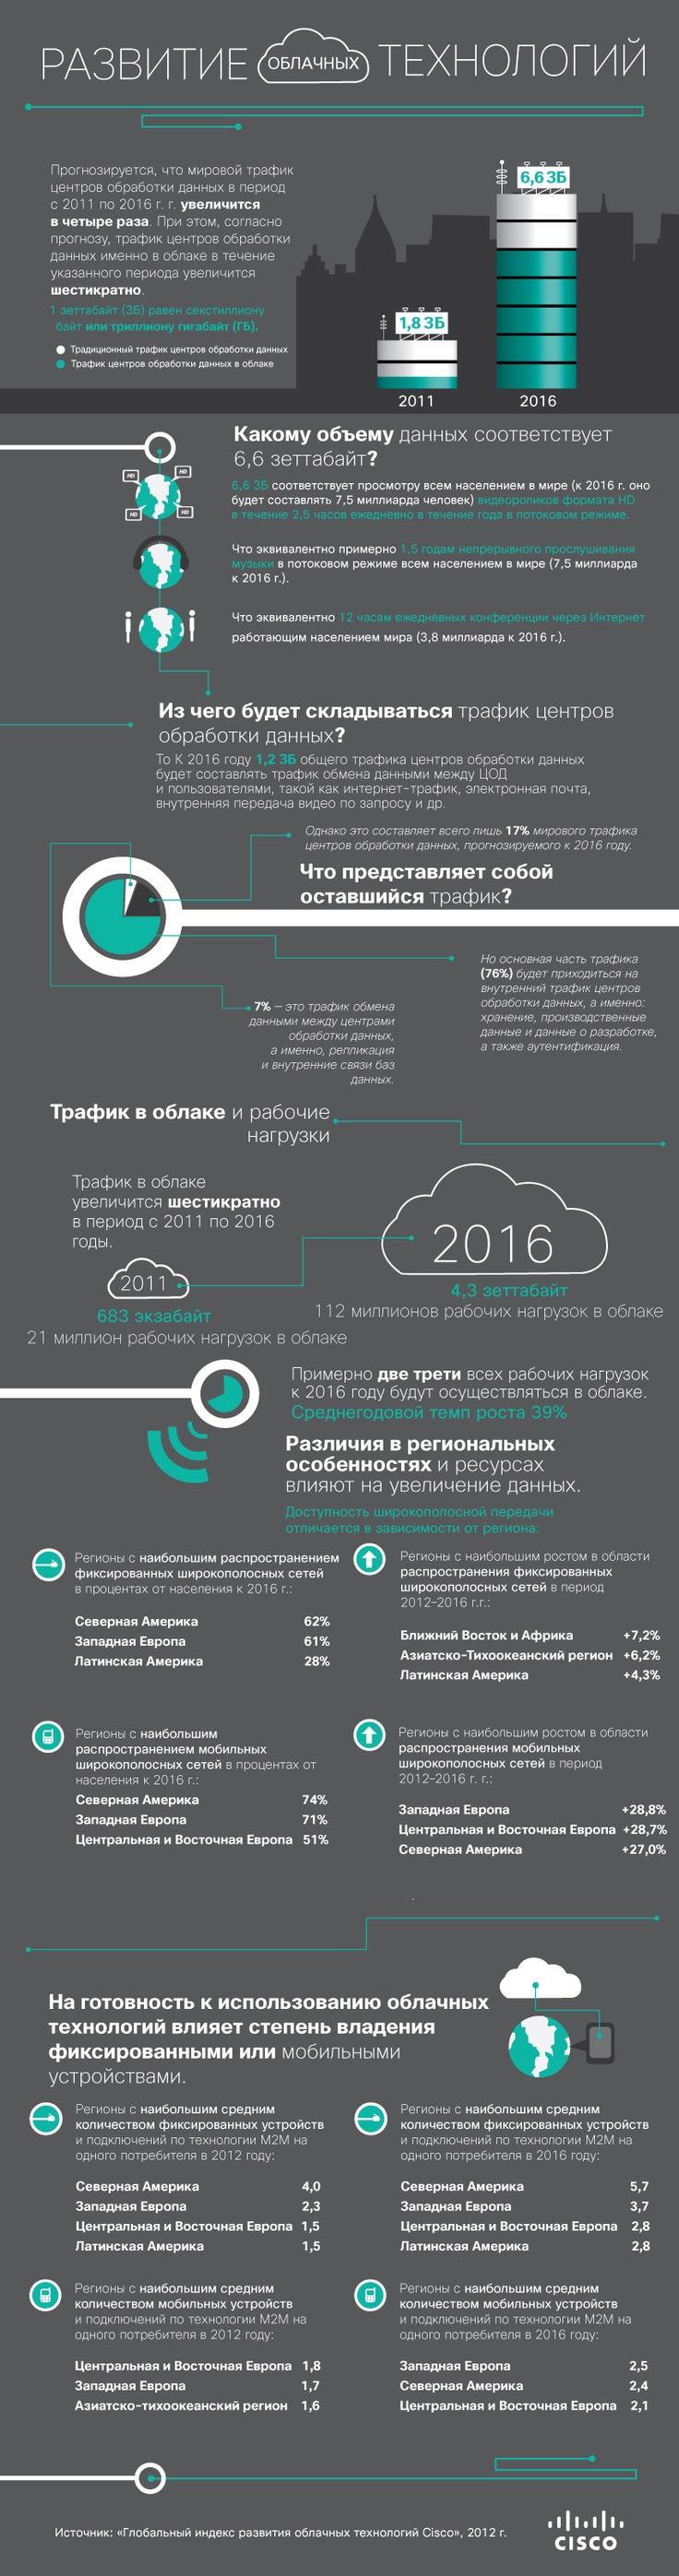 Развитие облачных технологий.